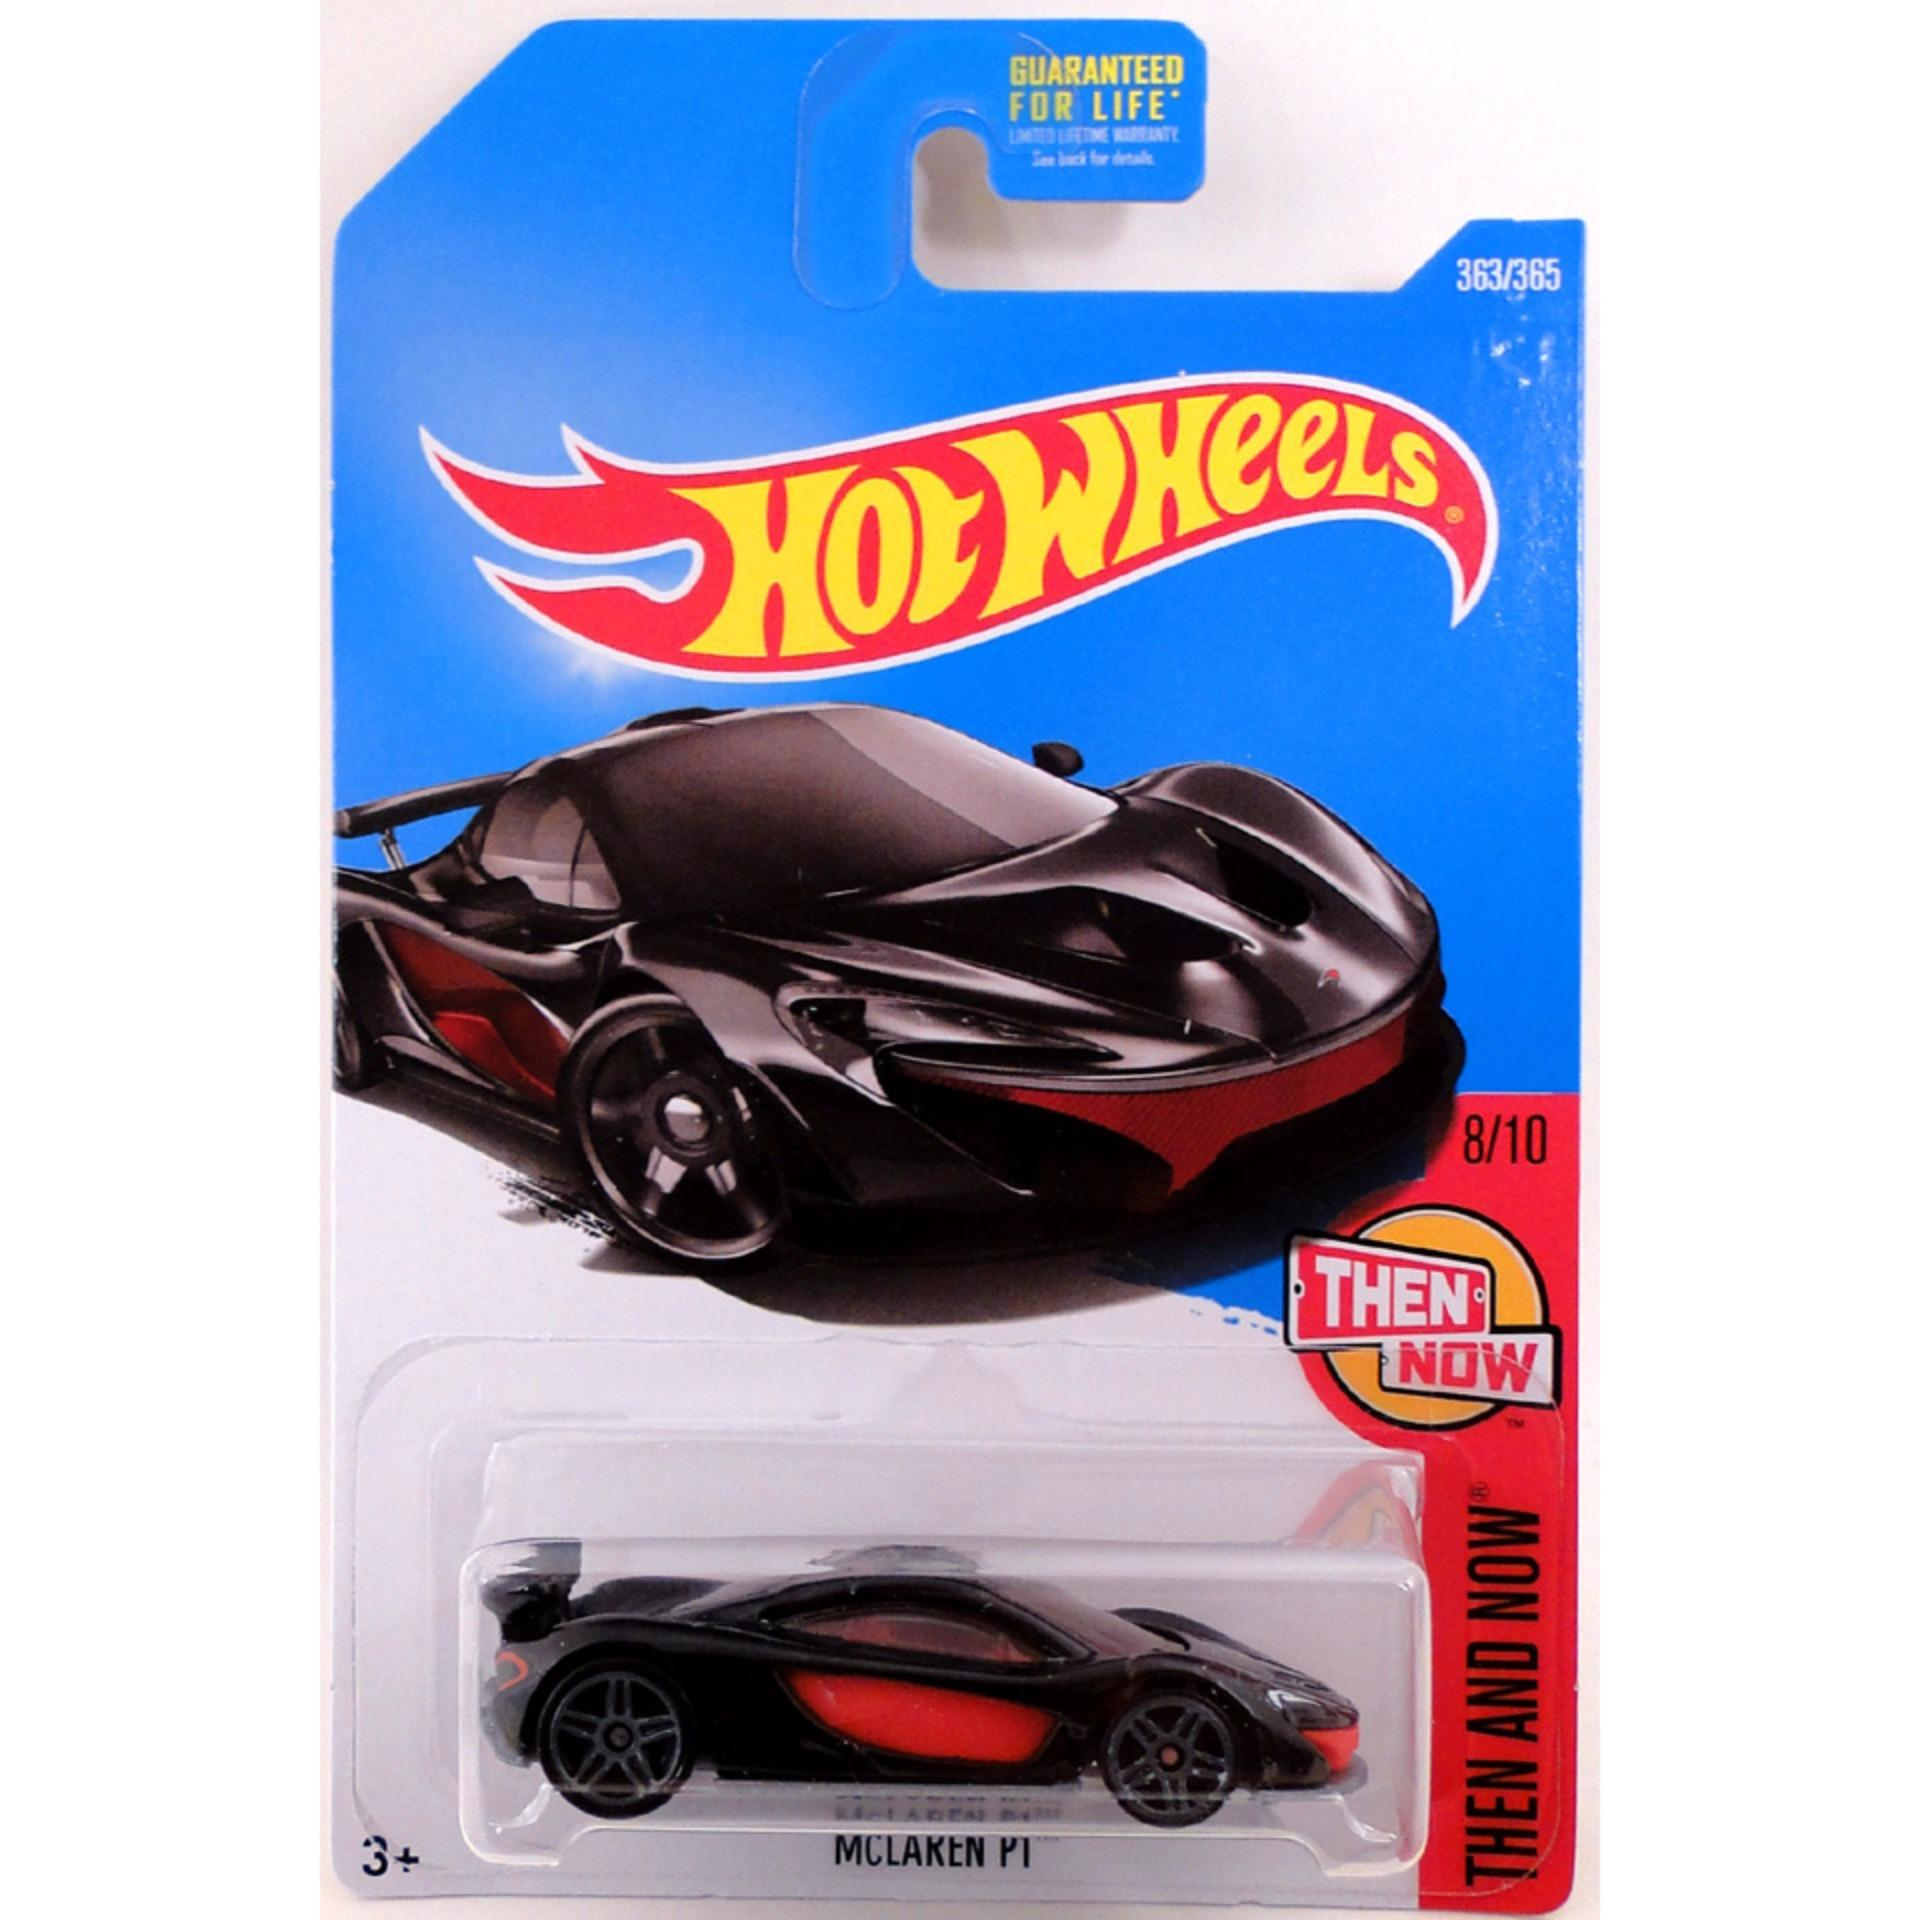 Xe ô tô mô hình tỉ lệ 1:64 Hot Wheels 2018 Mclaren P1 ( Màu Đỏ Đen )